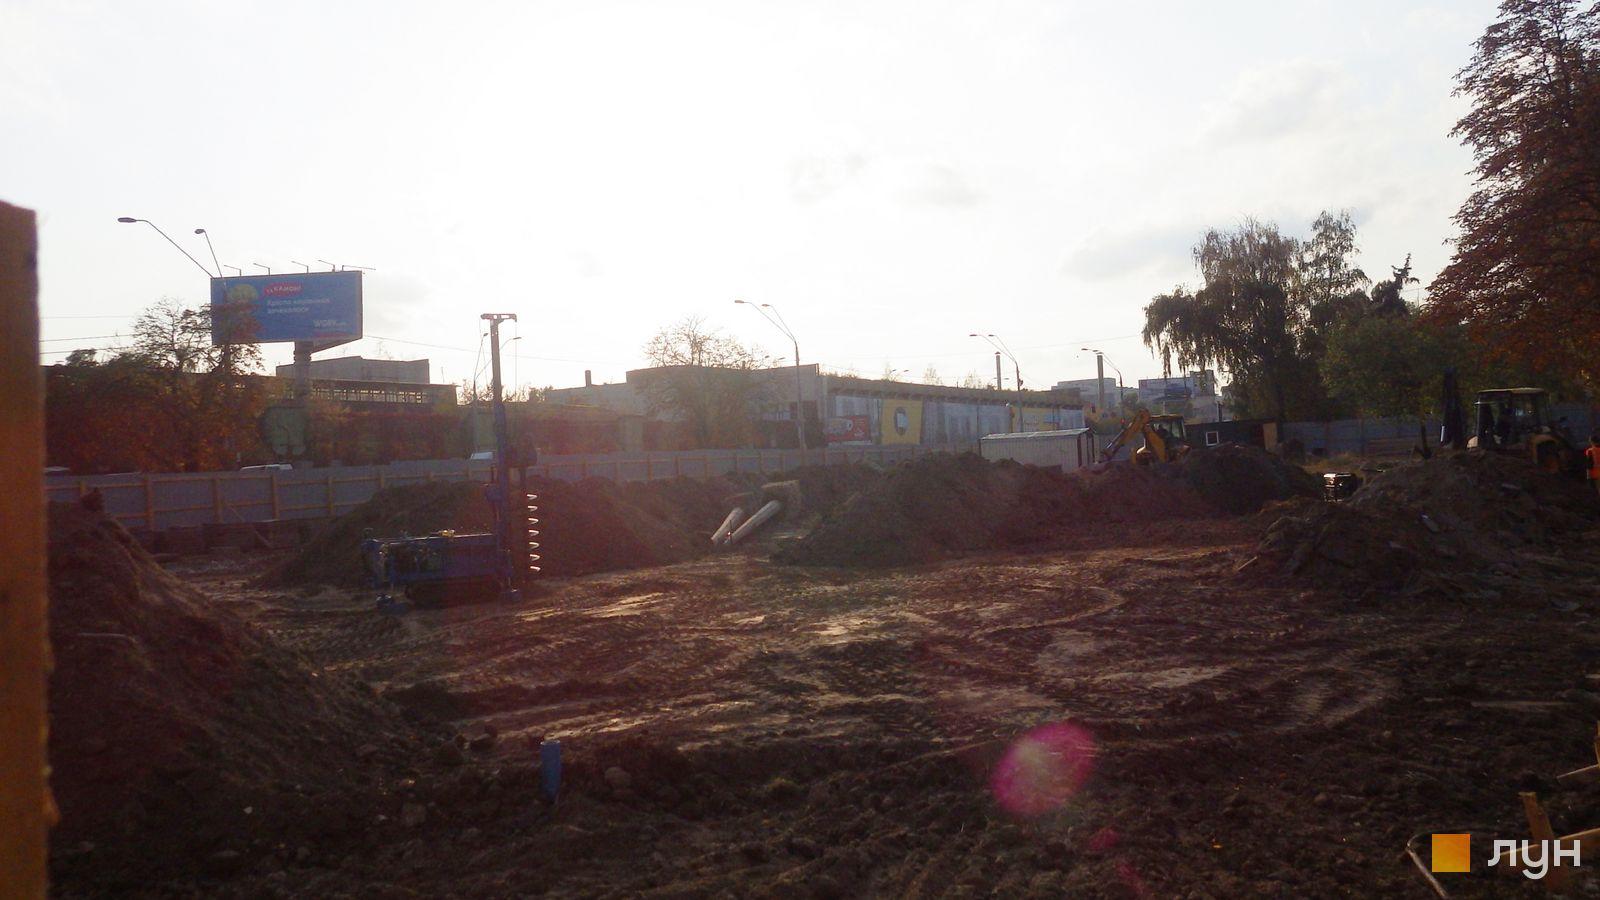 Ход строительства МФК 50Avenue, , октябрь 2019